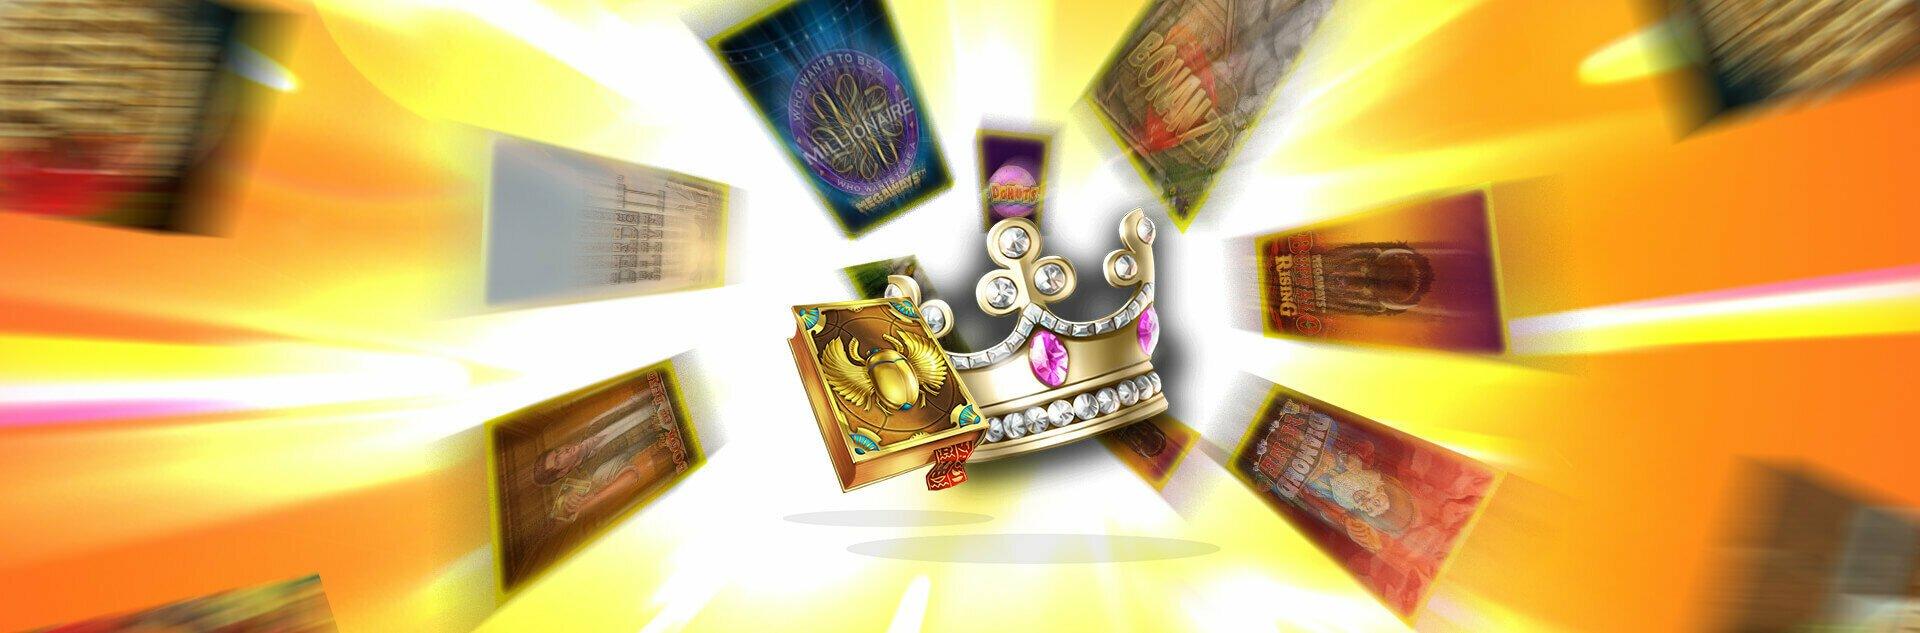 Casilando casino review UK